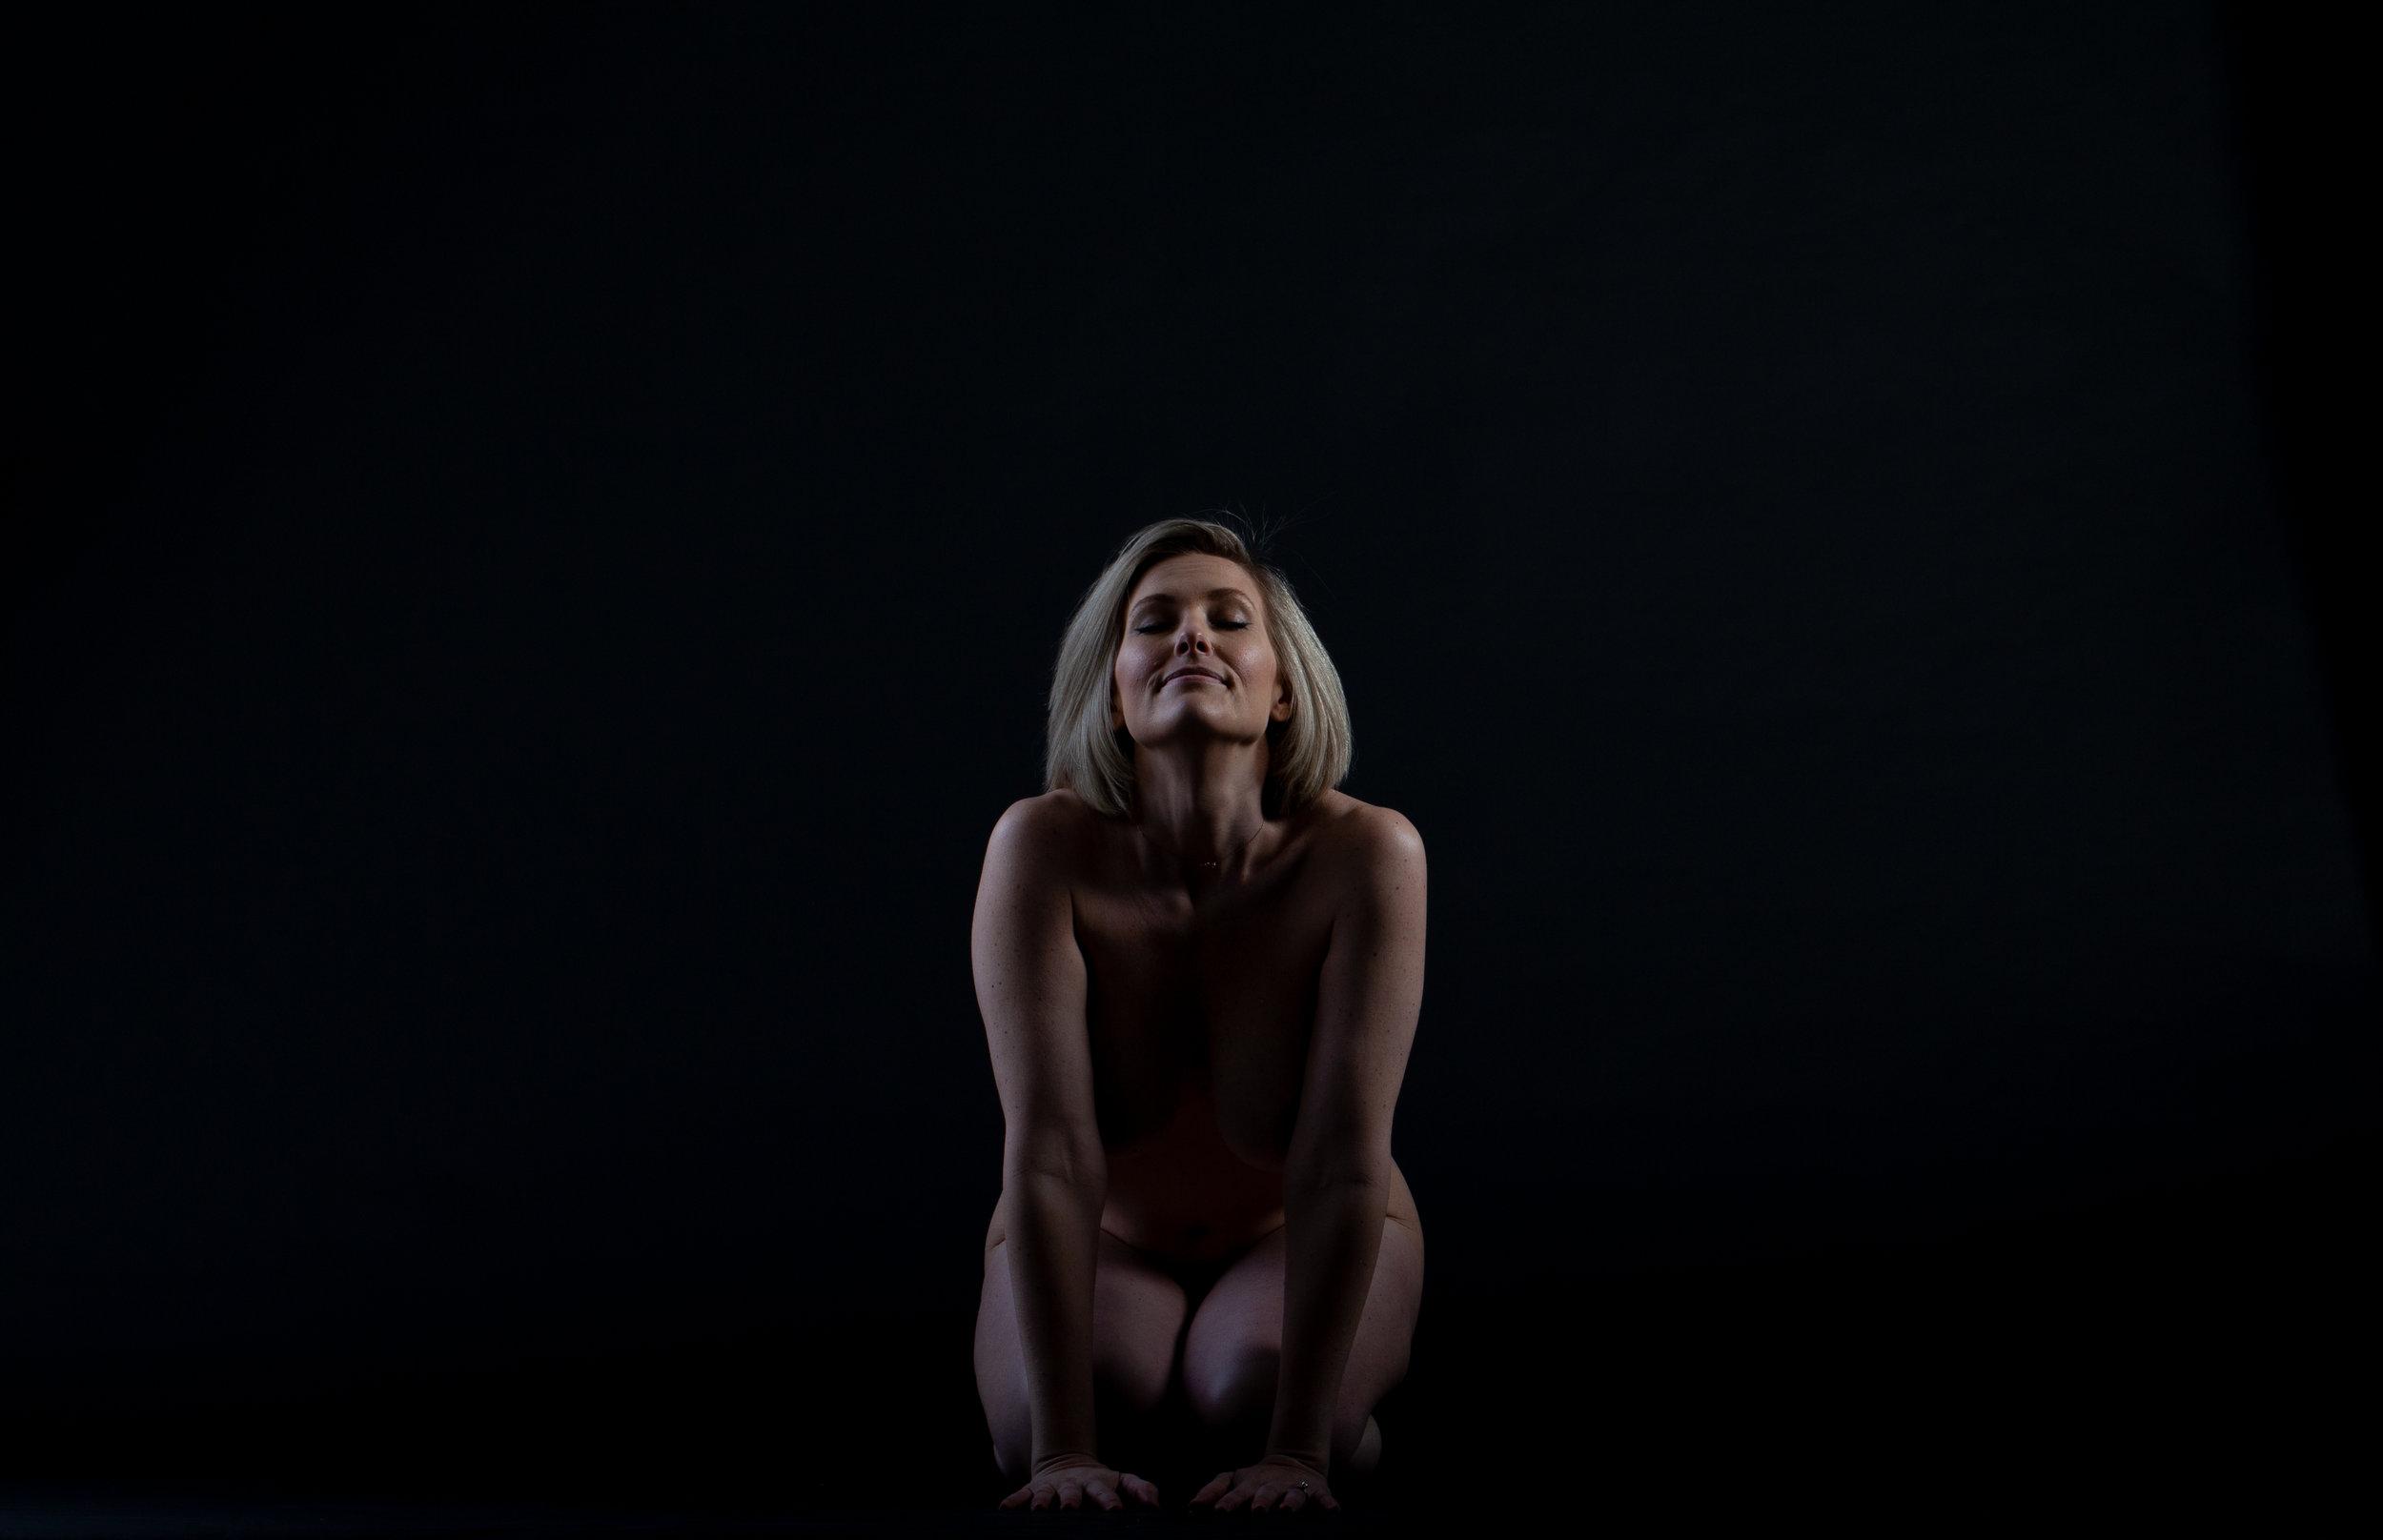 Heidi kneeling eye closed .jpg